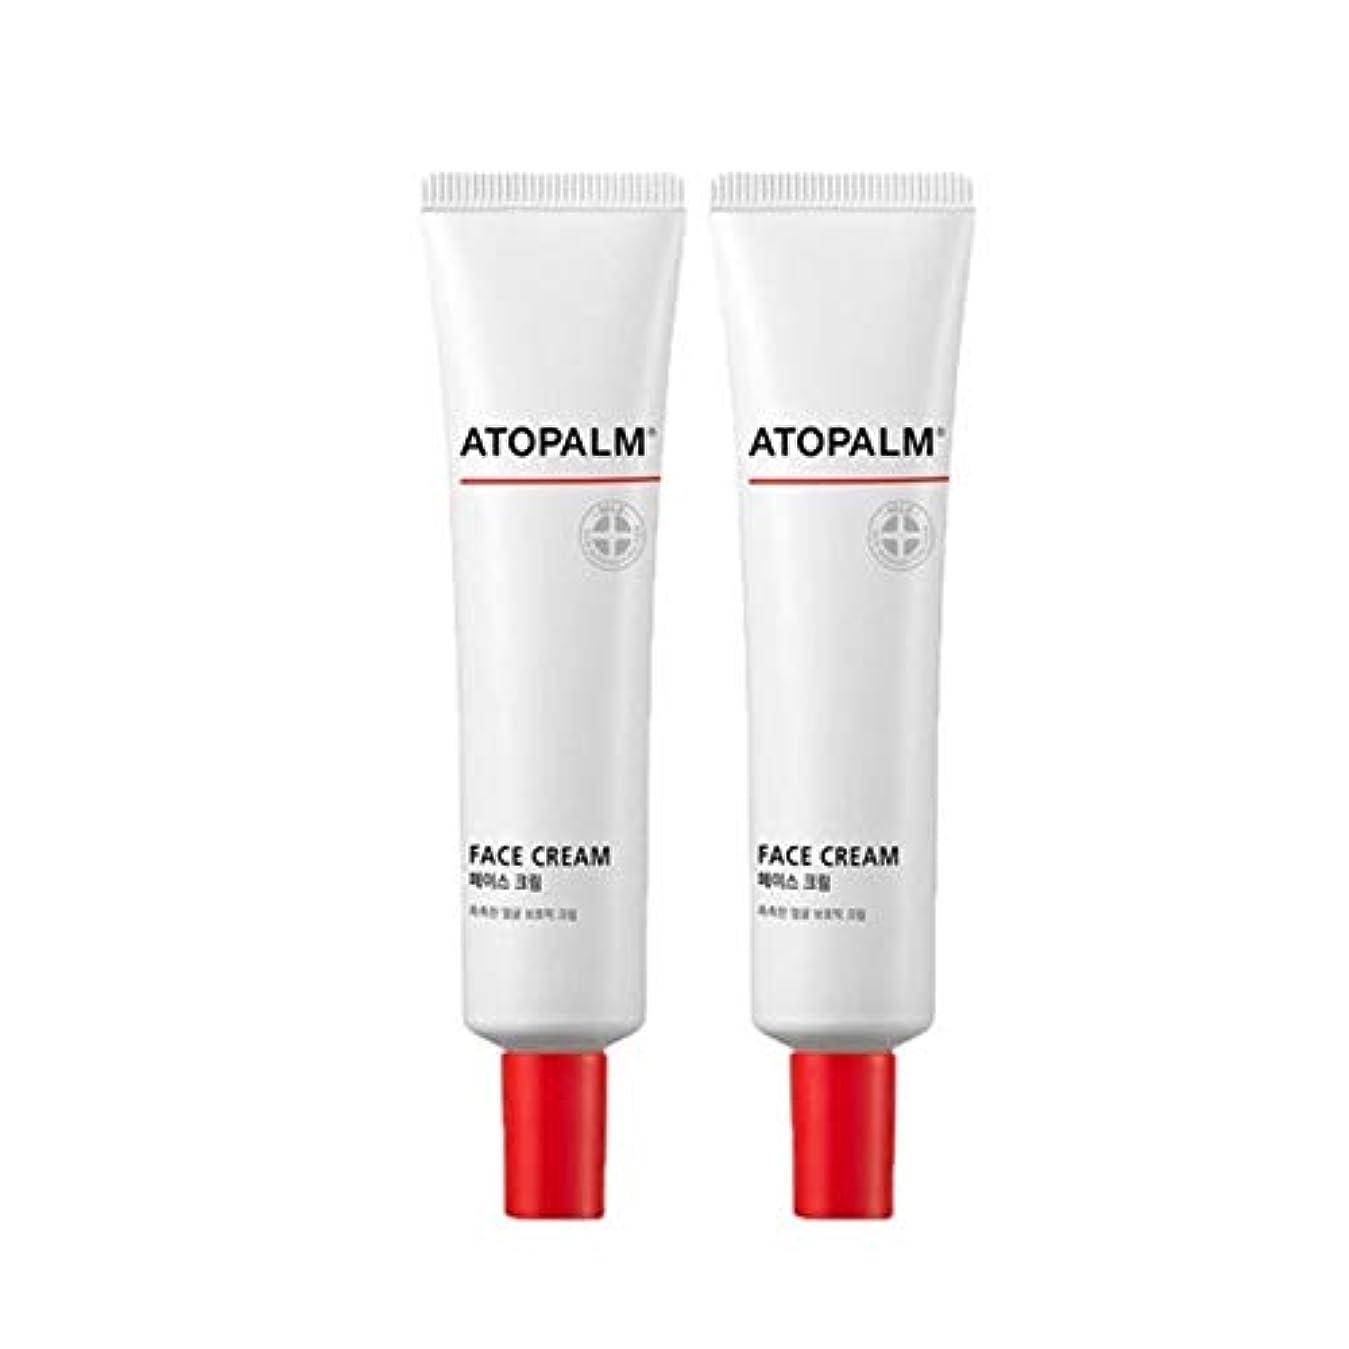 救援謝罪悲しいアトパムフェイスクリーム35mlx2本セット韓国コスメ、Atopalm Face Cream 35ml x 2ea Set Korean Cosmetics [並行輸入品]